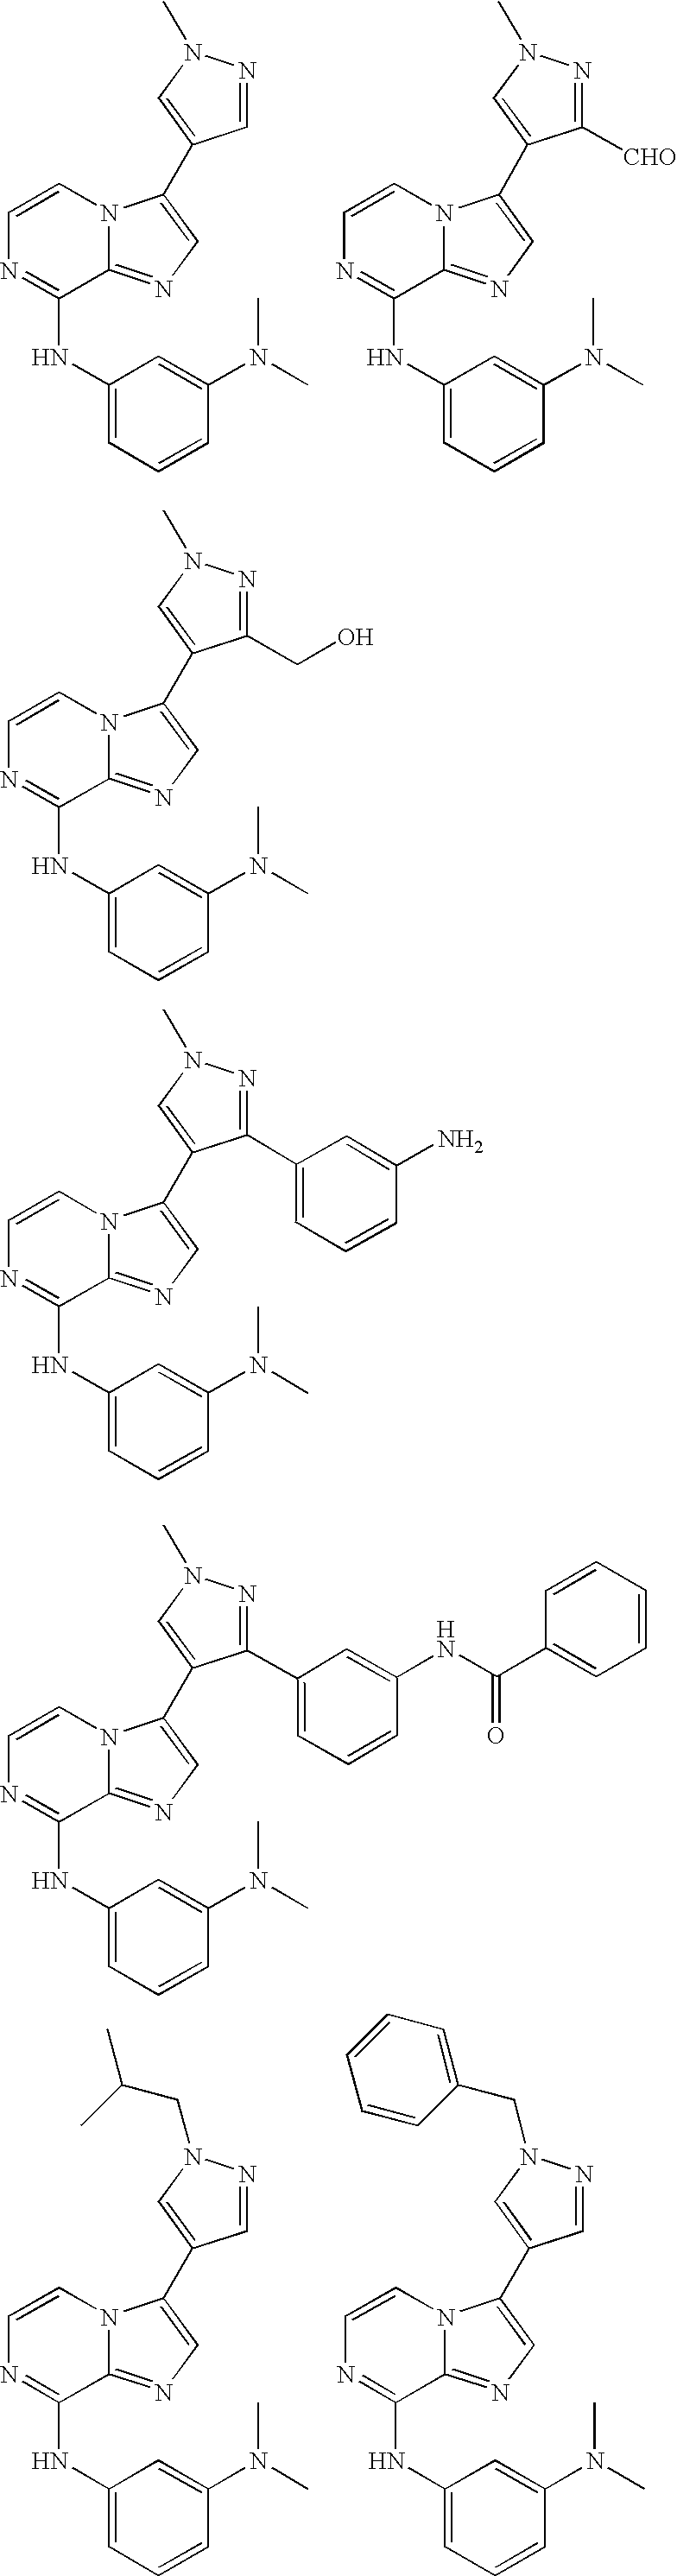 Figure US20070117804A1-20070524-C00066